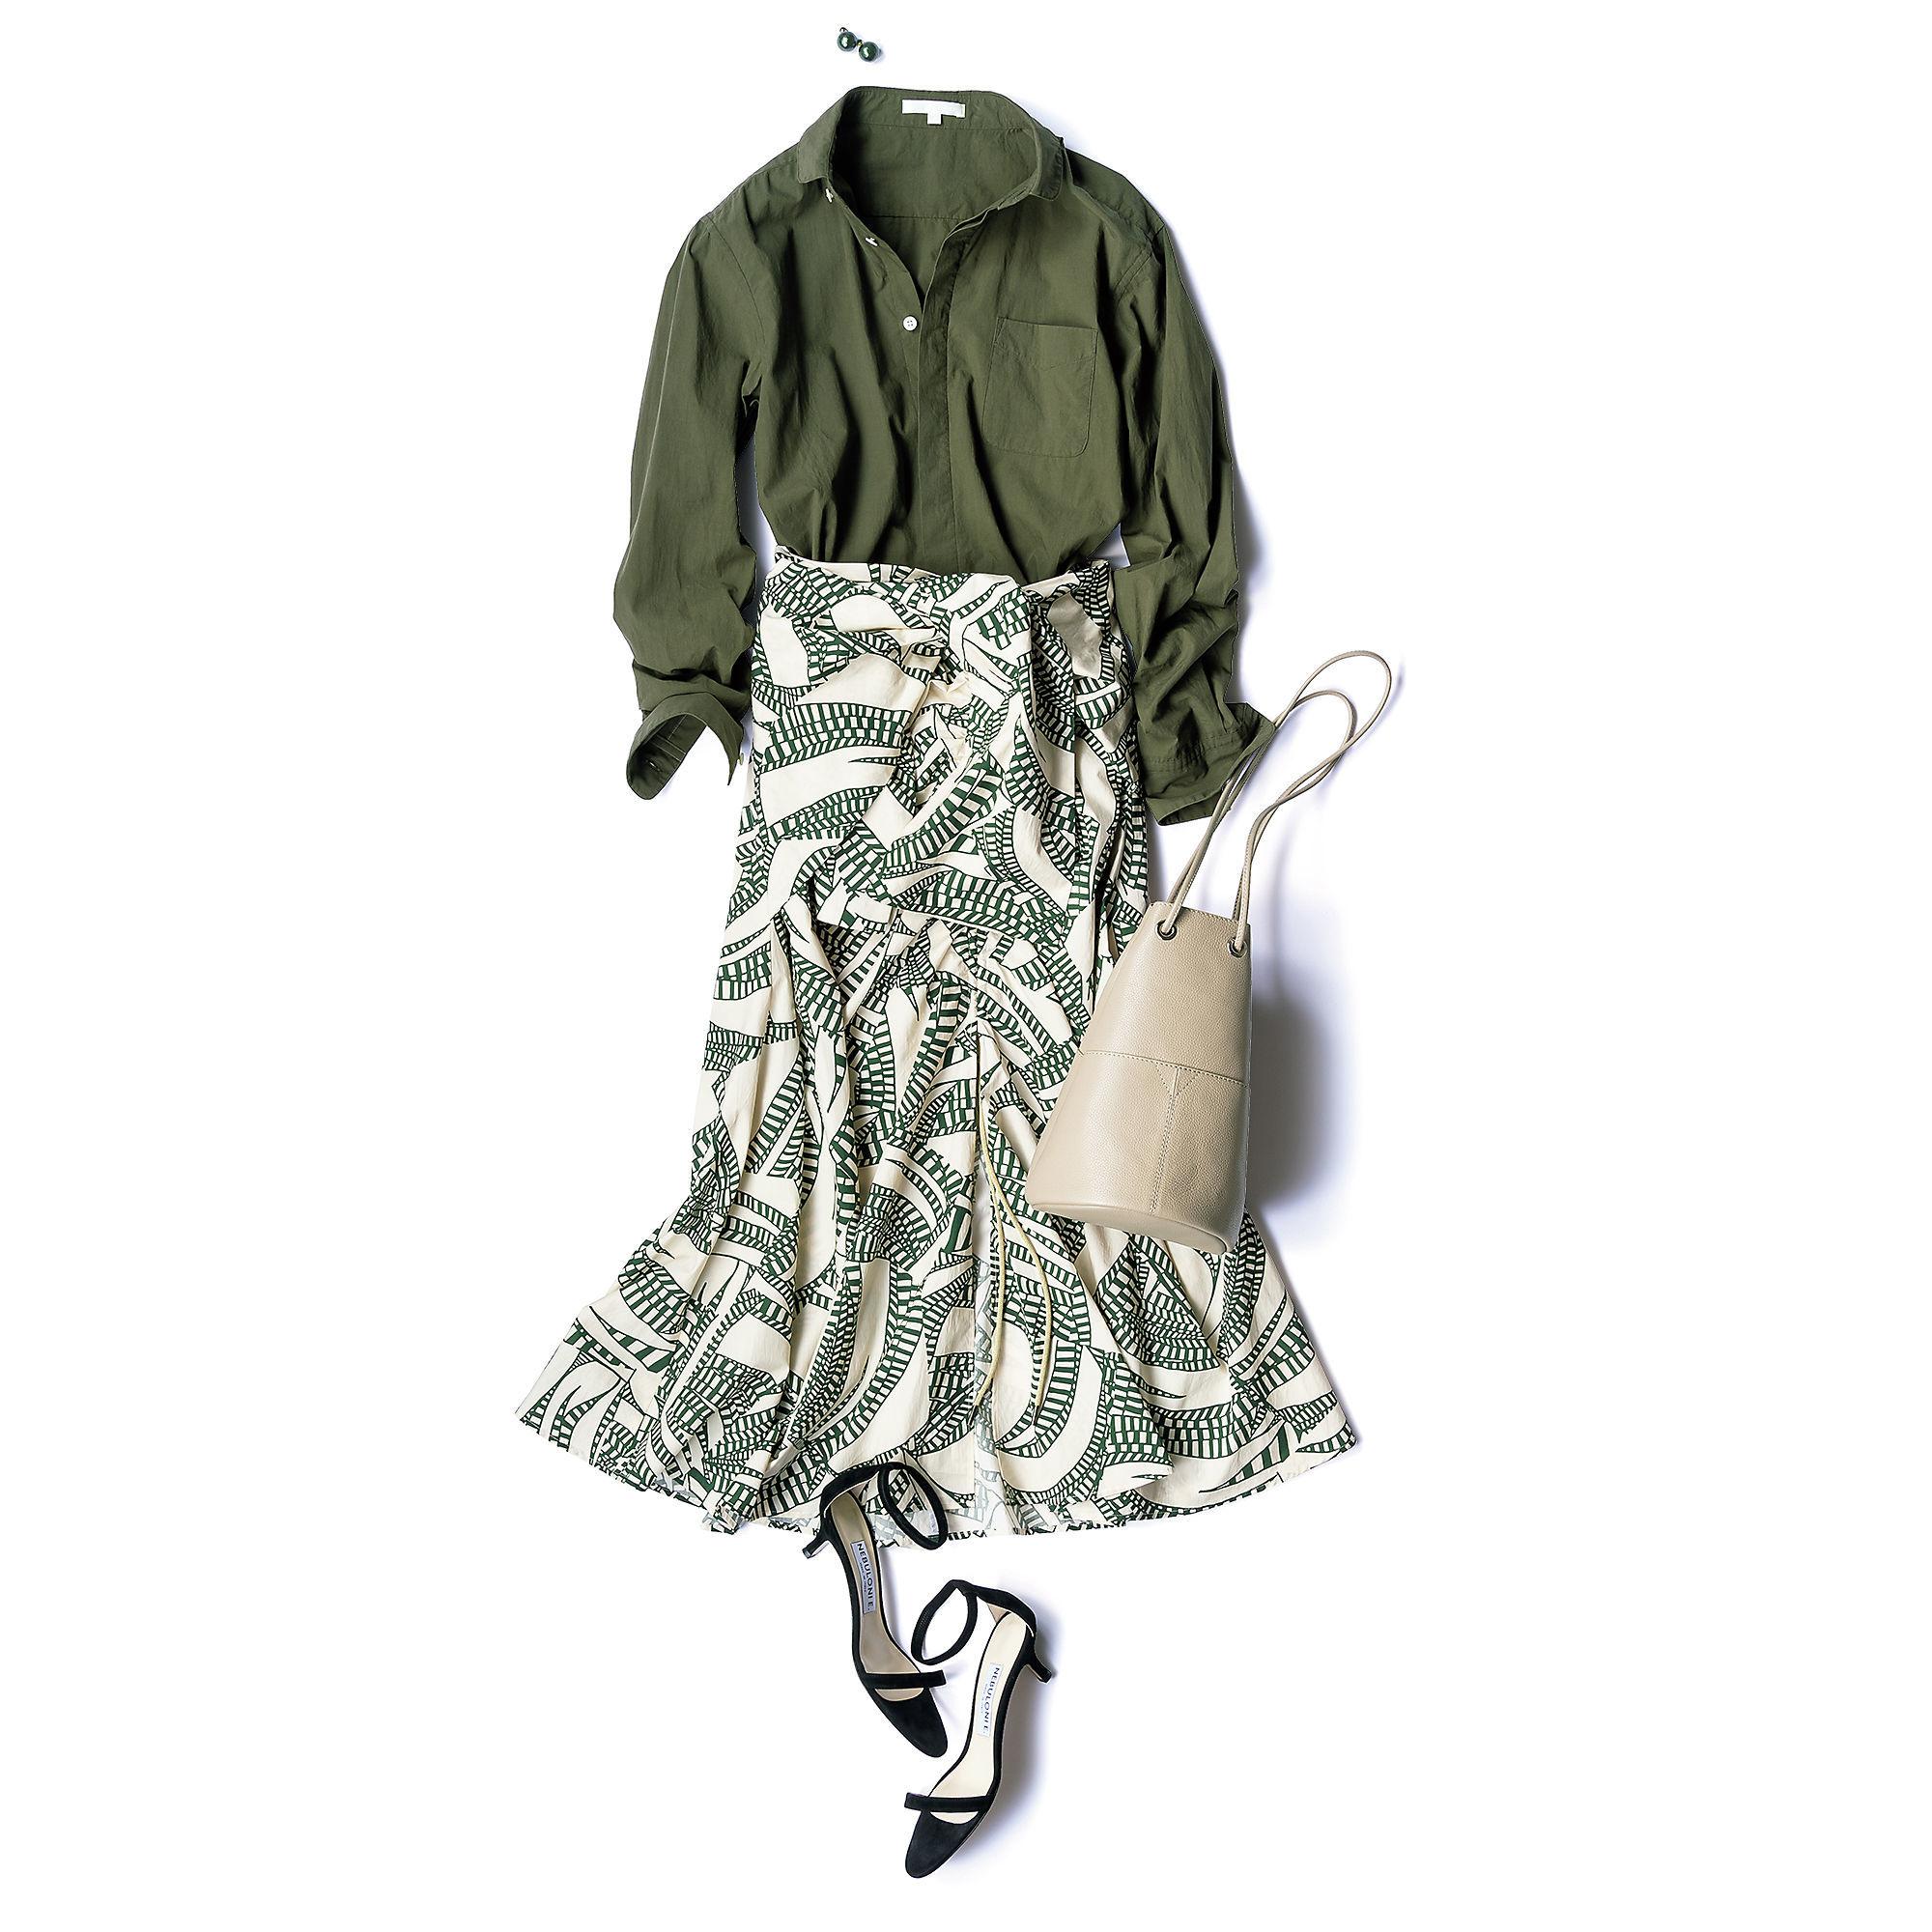 150cmエディター・宮崎桃代の大人気企画、お気に入りシャツを着回し!映えボトムで旬スタイル_1_2